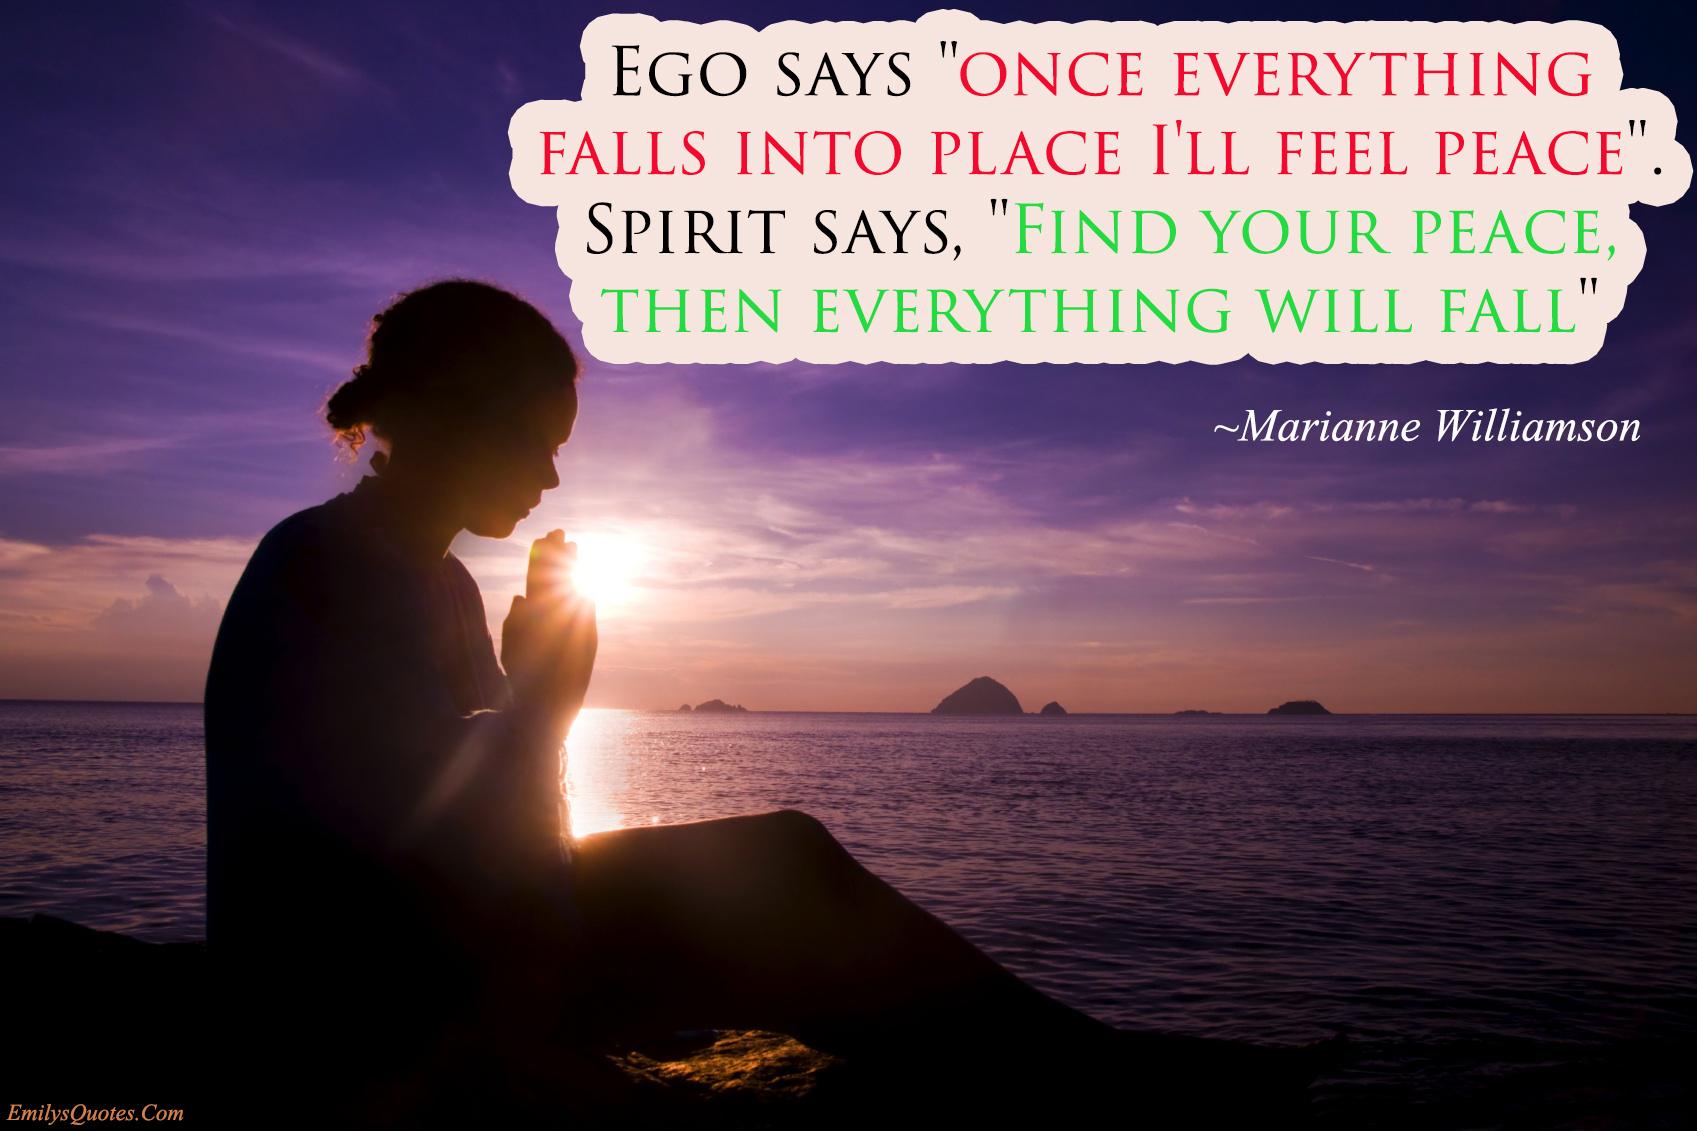 EmilysQuotes.Com - ego, spirit, wisdom, Marianne Williamson, peace